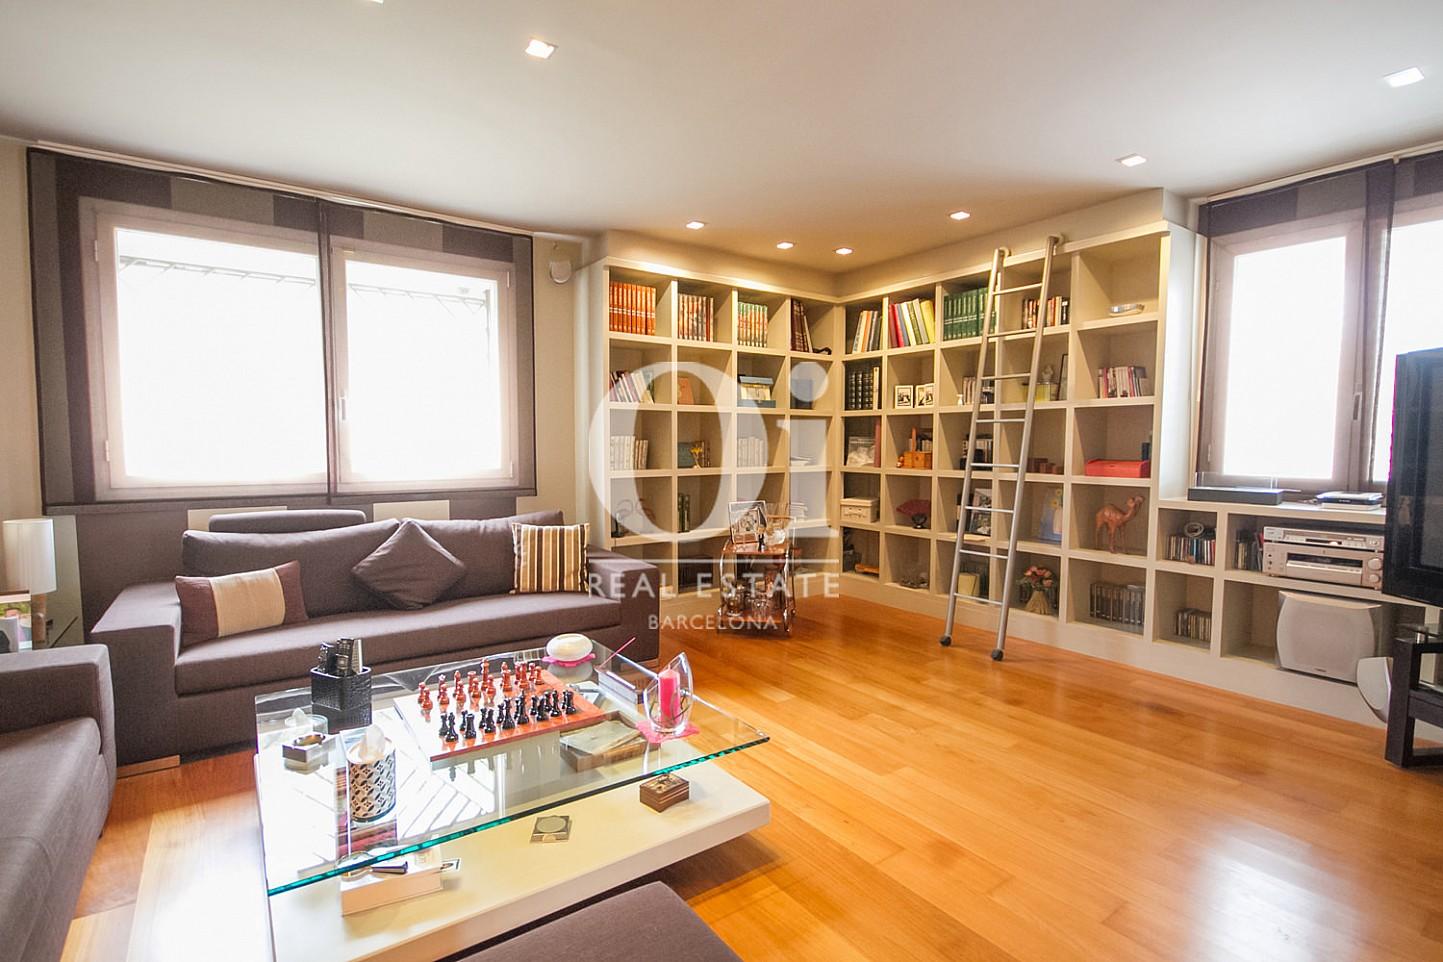 Вид гостиной с библиотекой в великолепном доме на продажу в Sitges